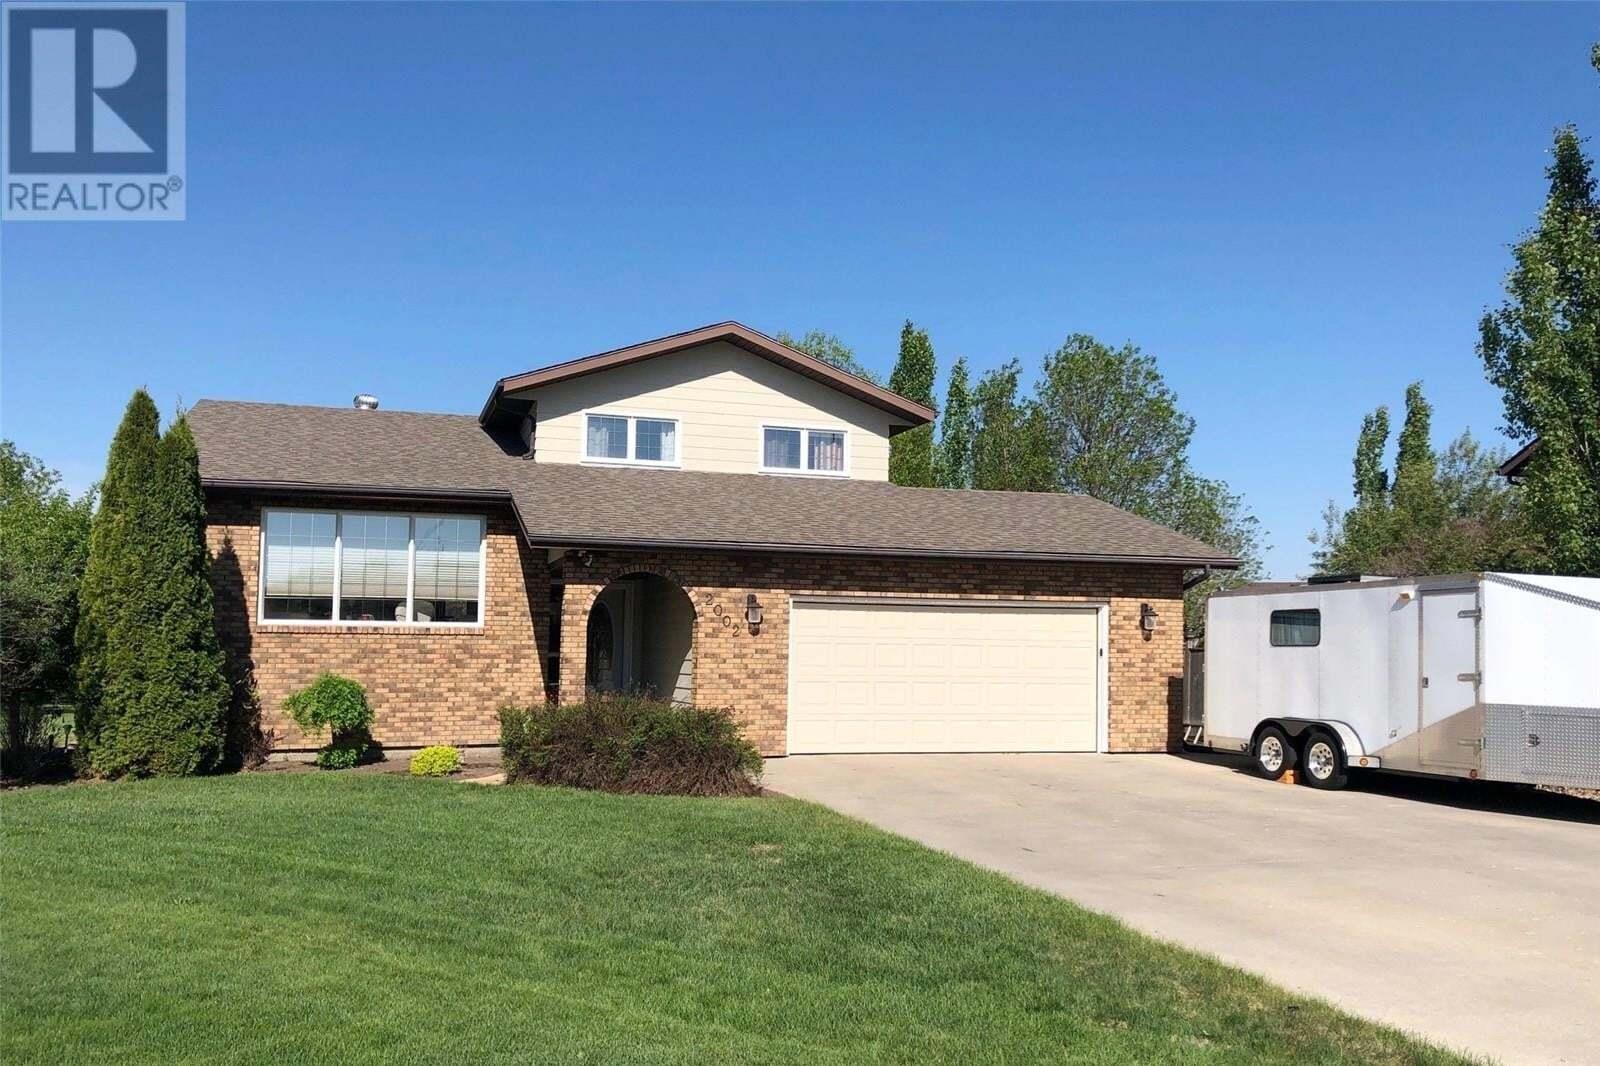 House for sale at 2002 Mack Pl Estevan Saskatchewan - MLS: SK810379